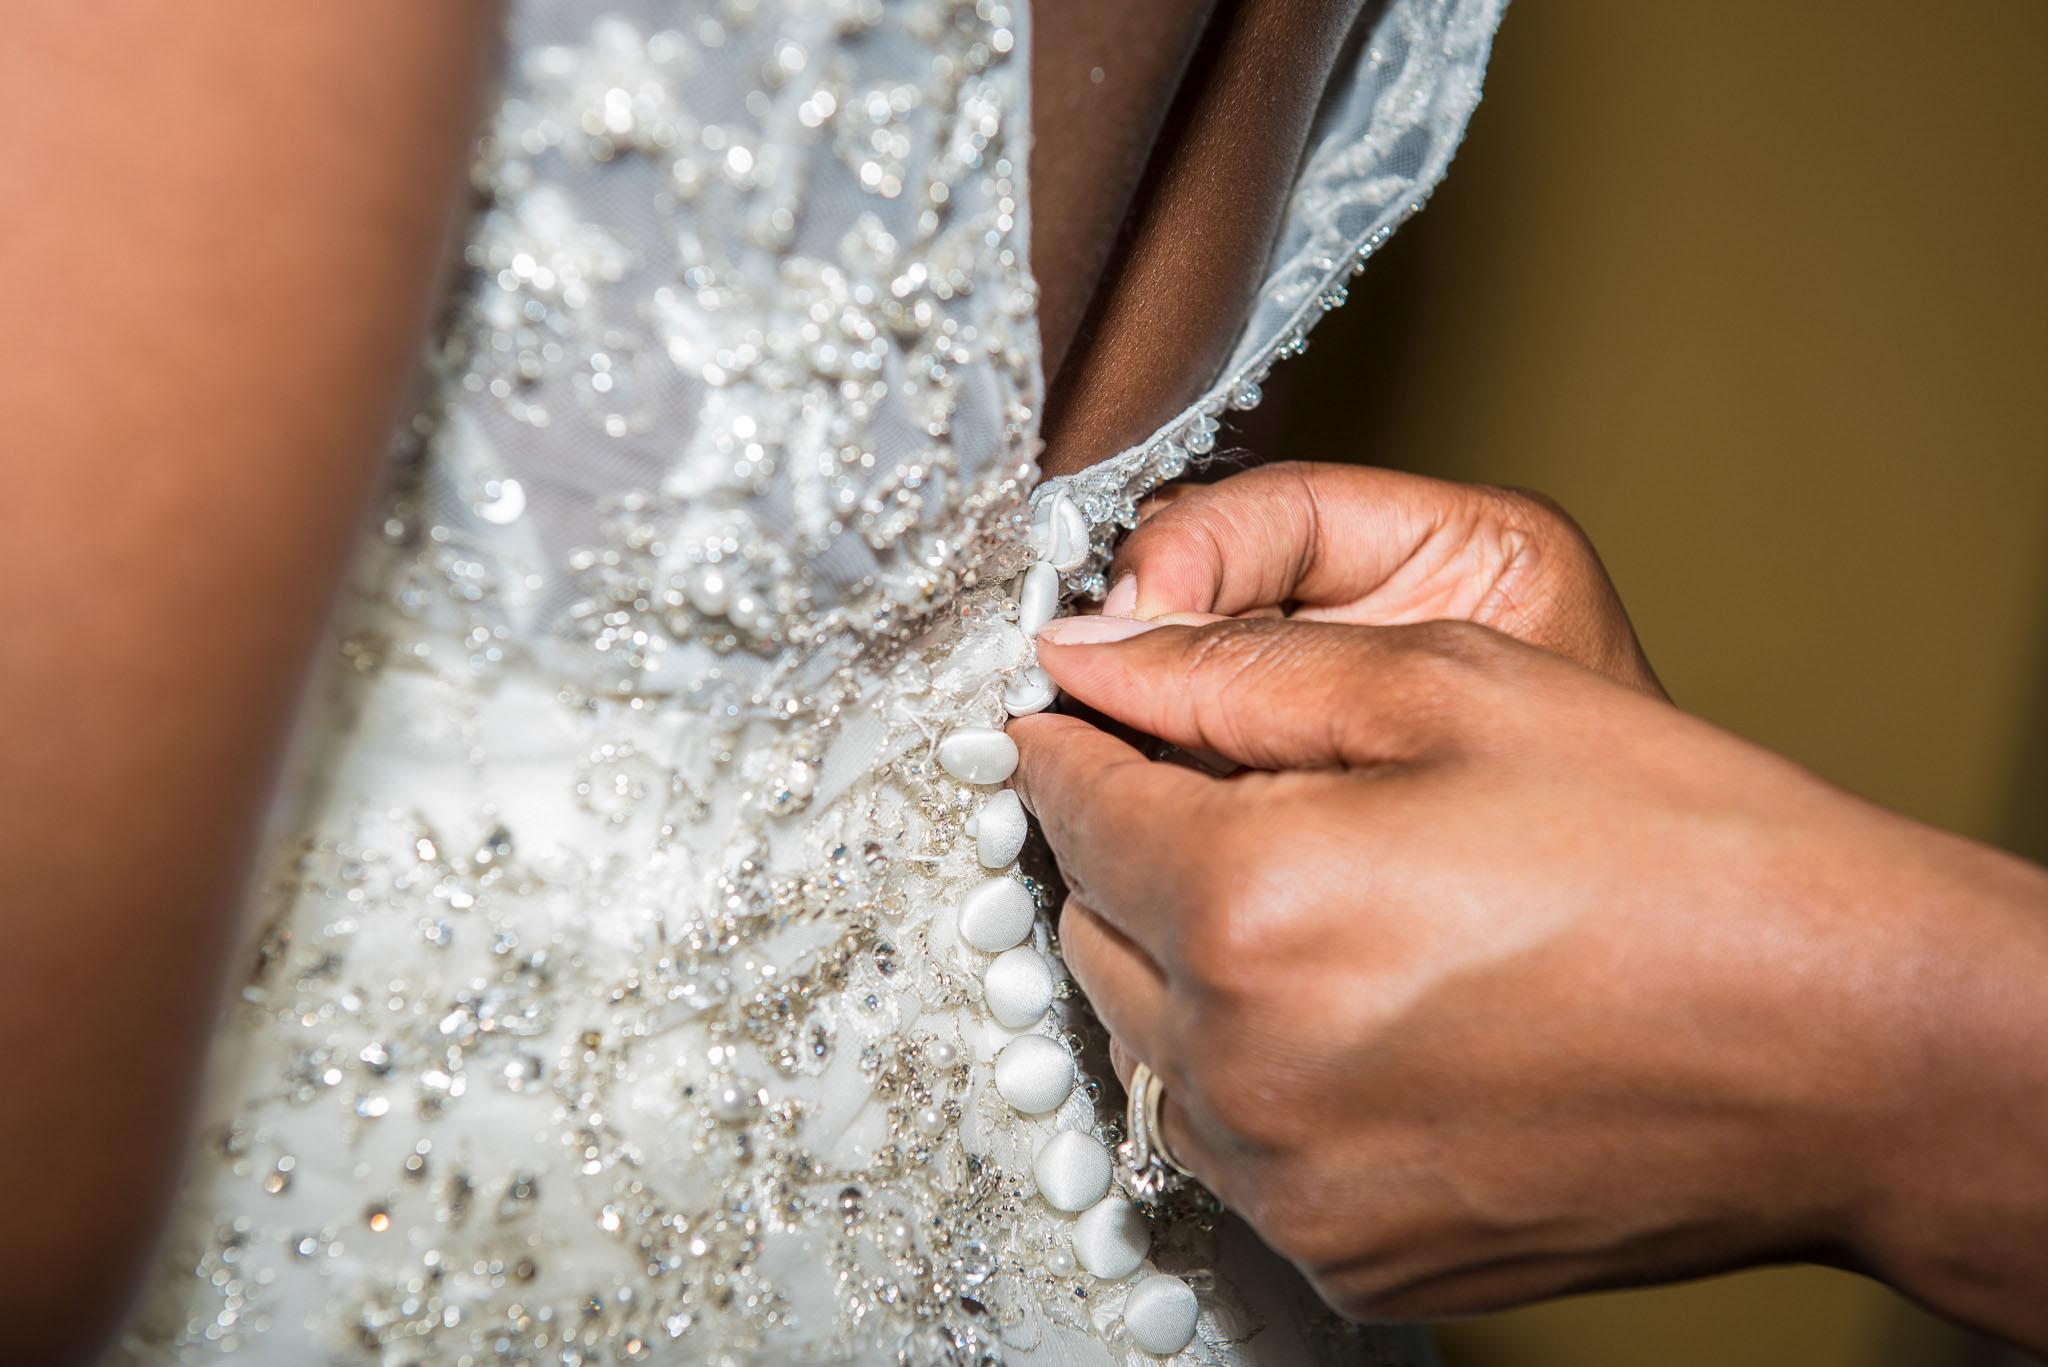 Matrimonio Nel Monferrato Dionne Dale - Wdding Matrimono Emanuele Tibaldi Fotografo 21 - Foto-matrimonio-dettagli-lusso - Foto-matrimonio-dettagli-lusso